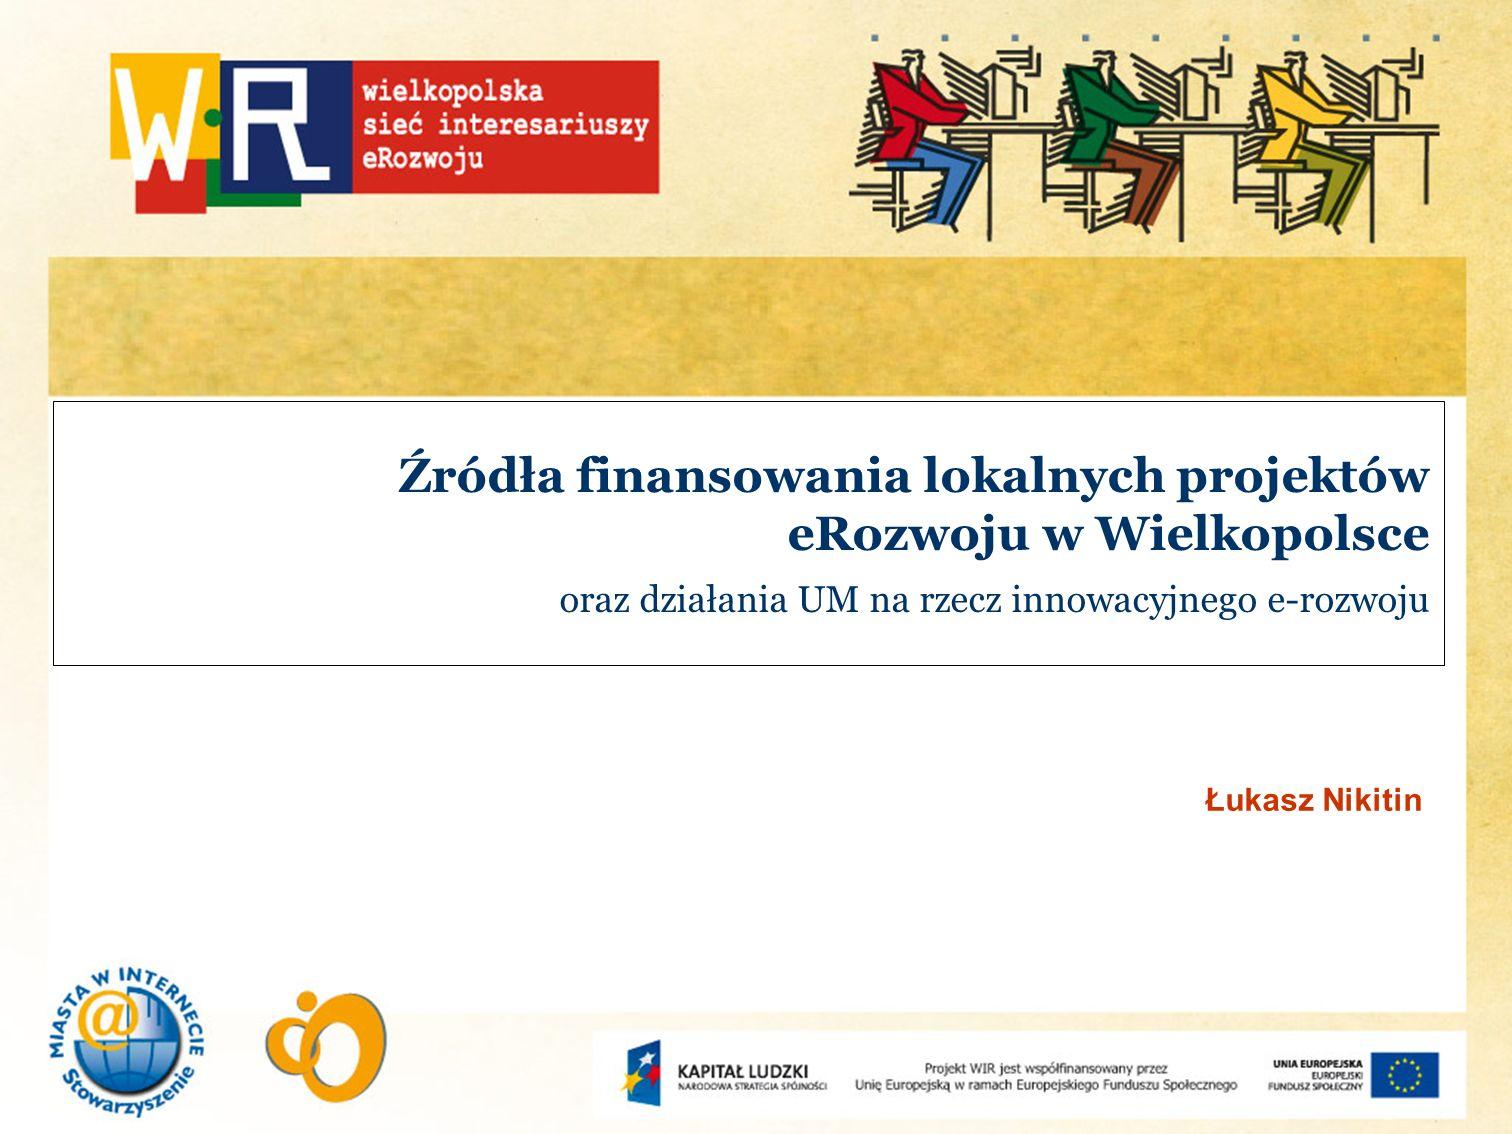 Źródła finansowania lokalnych projektów eRozwoju w Wielkopolsce oraz działania UM na rzecz innowacyjnego e-rozwoju